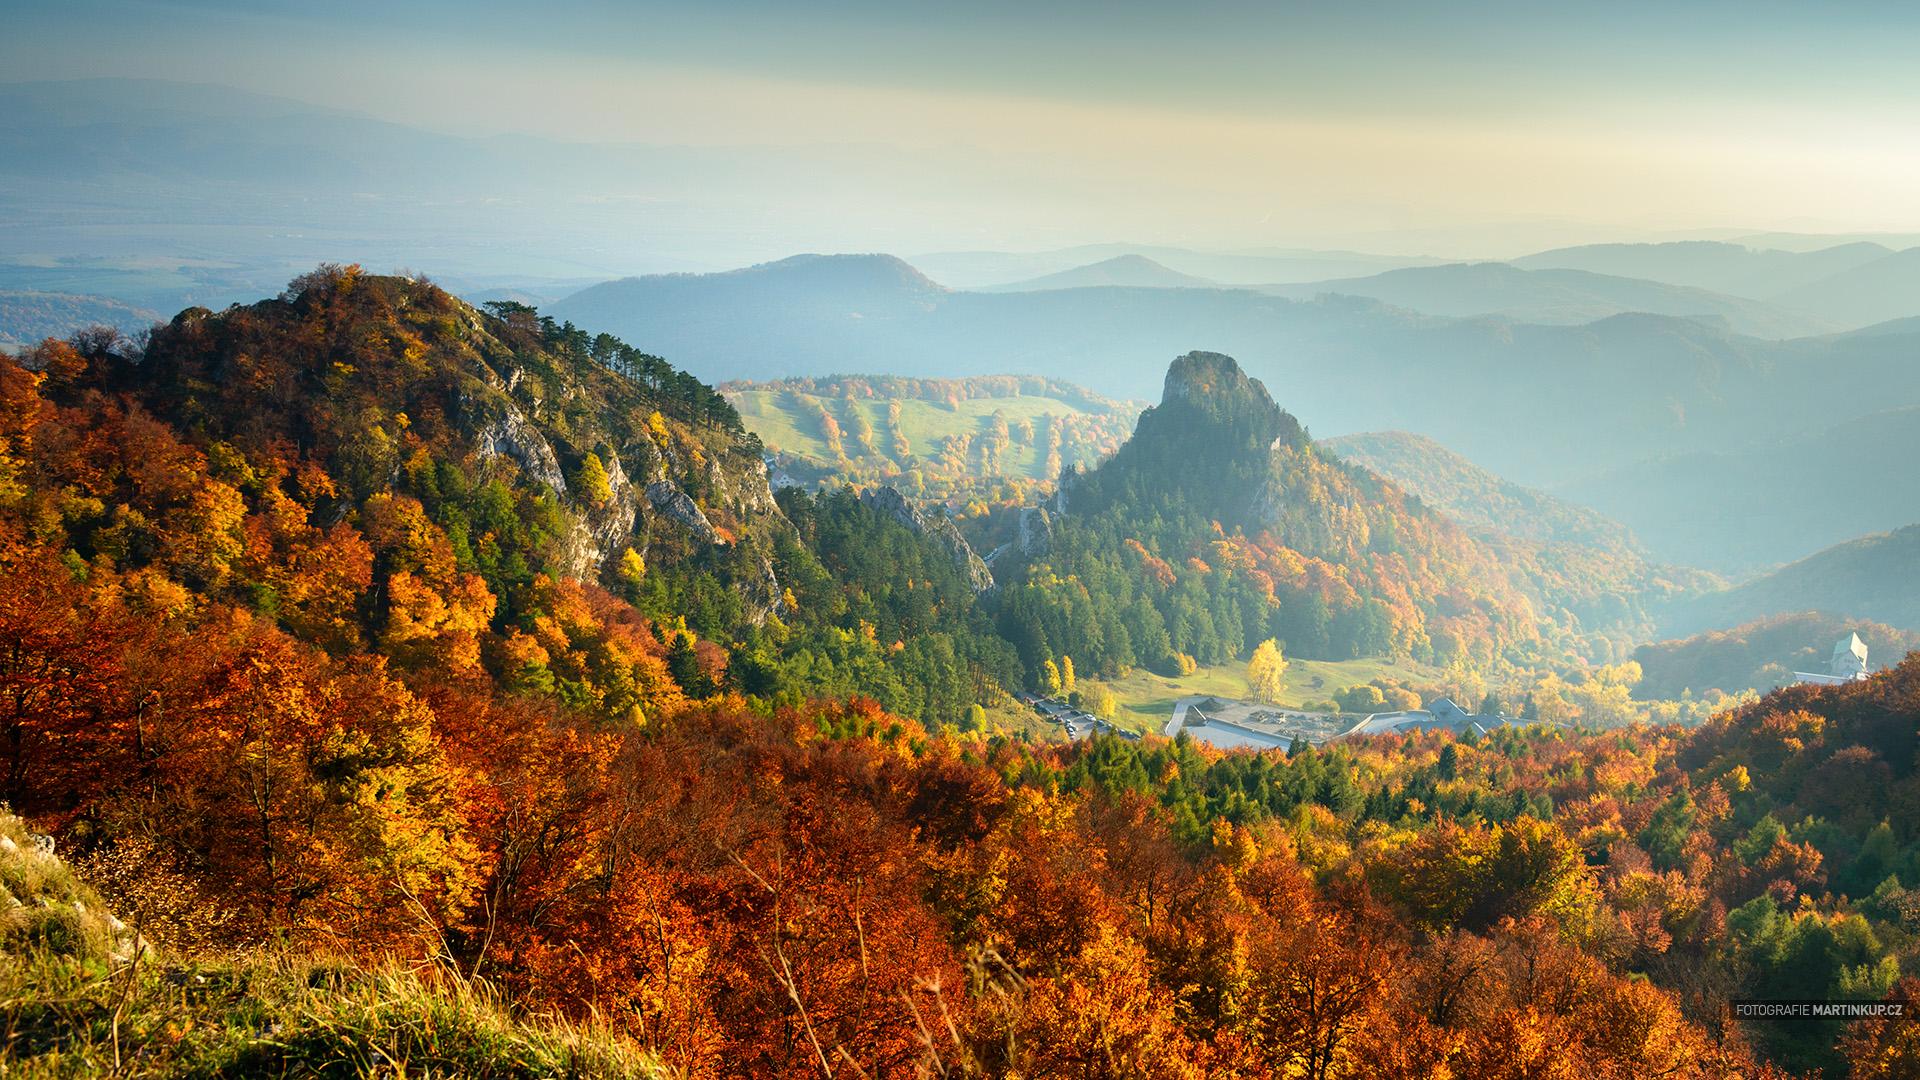 Tapeta na plochu: Vršatské bradlá, Trenčiansky kraj, Slovensko (16:9)